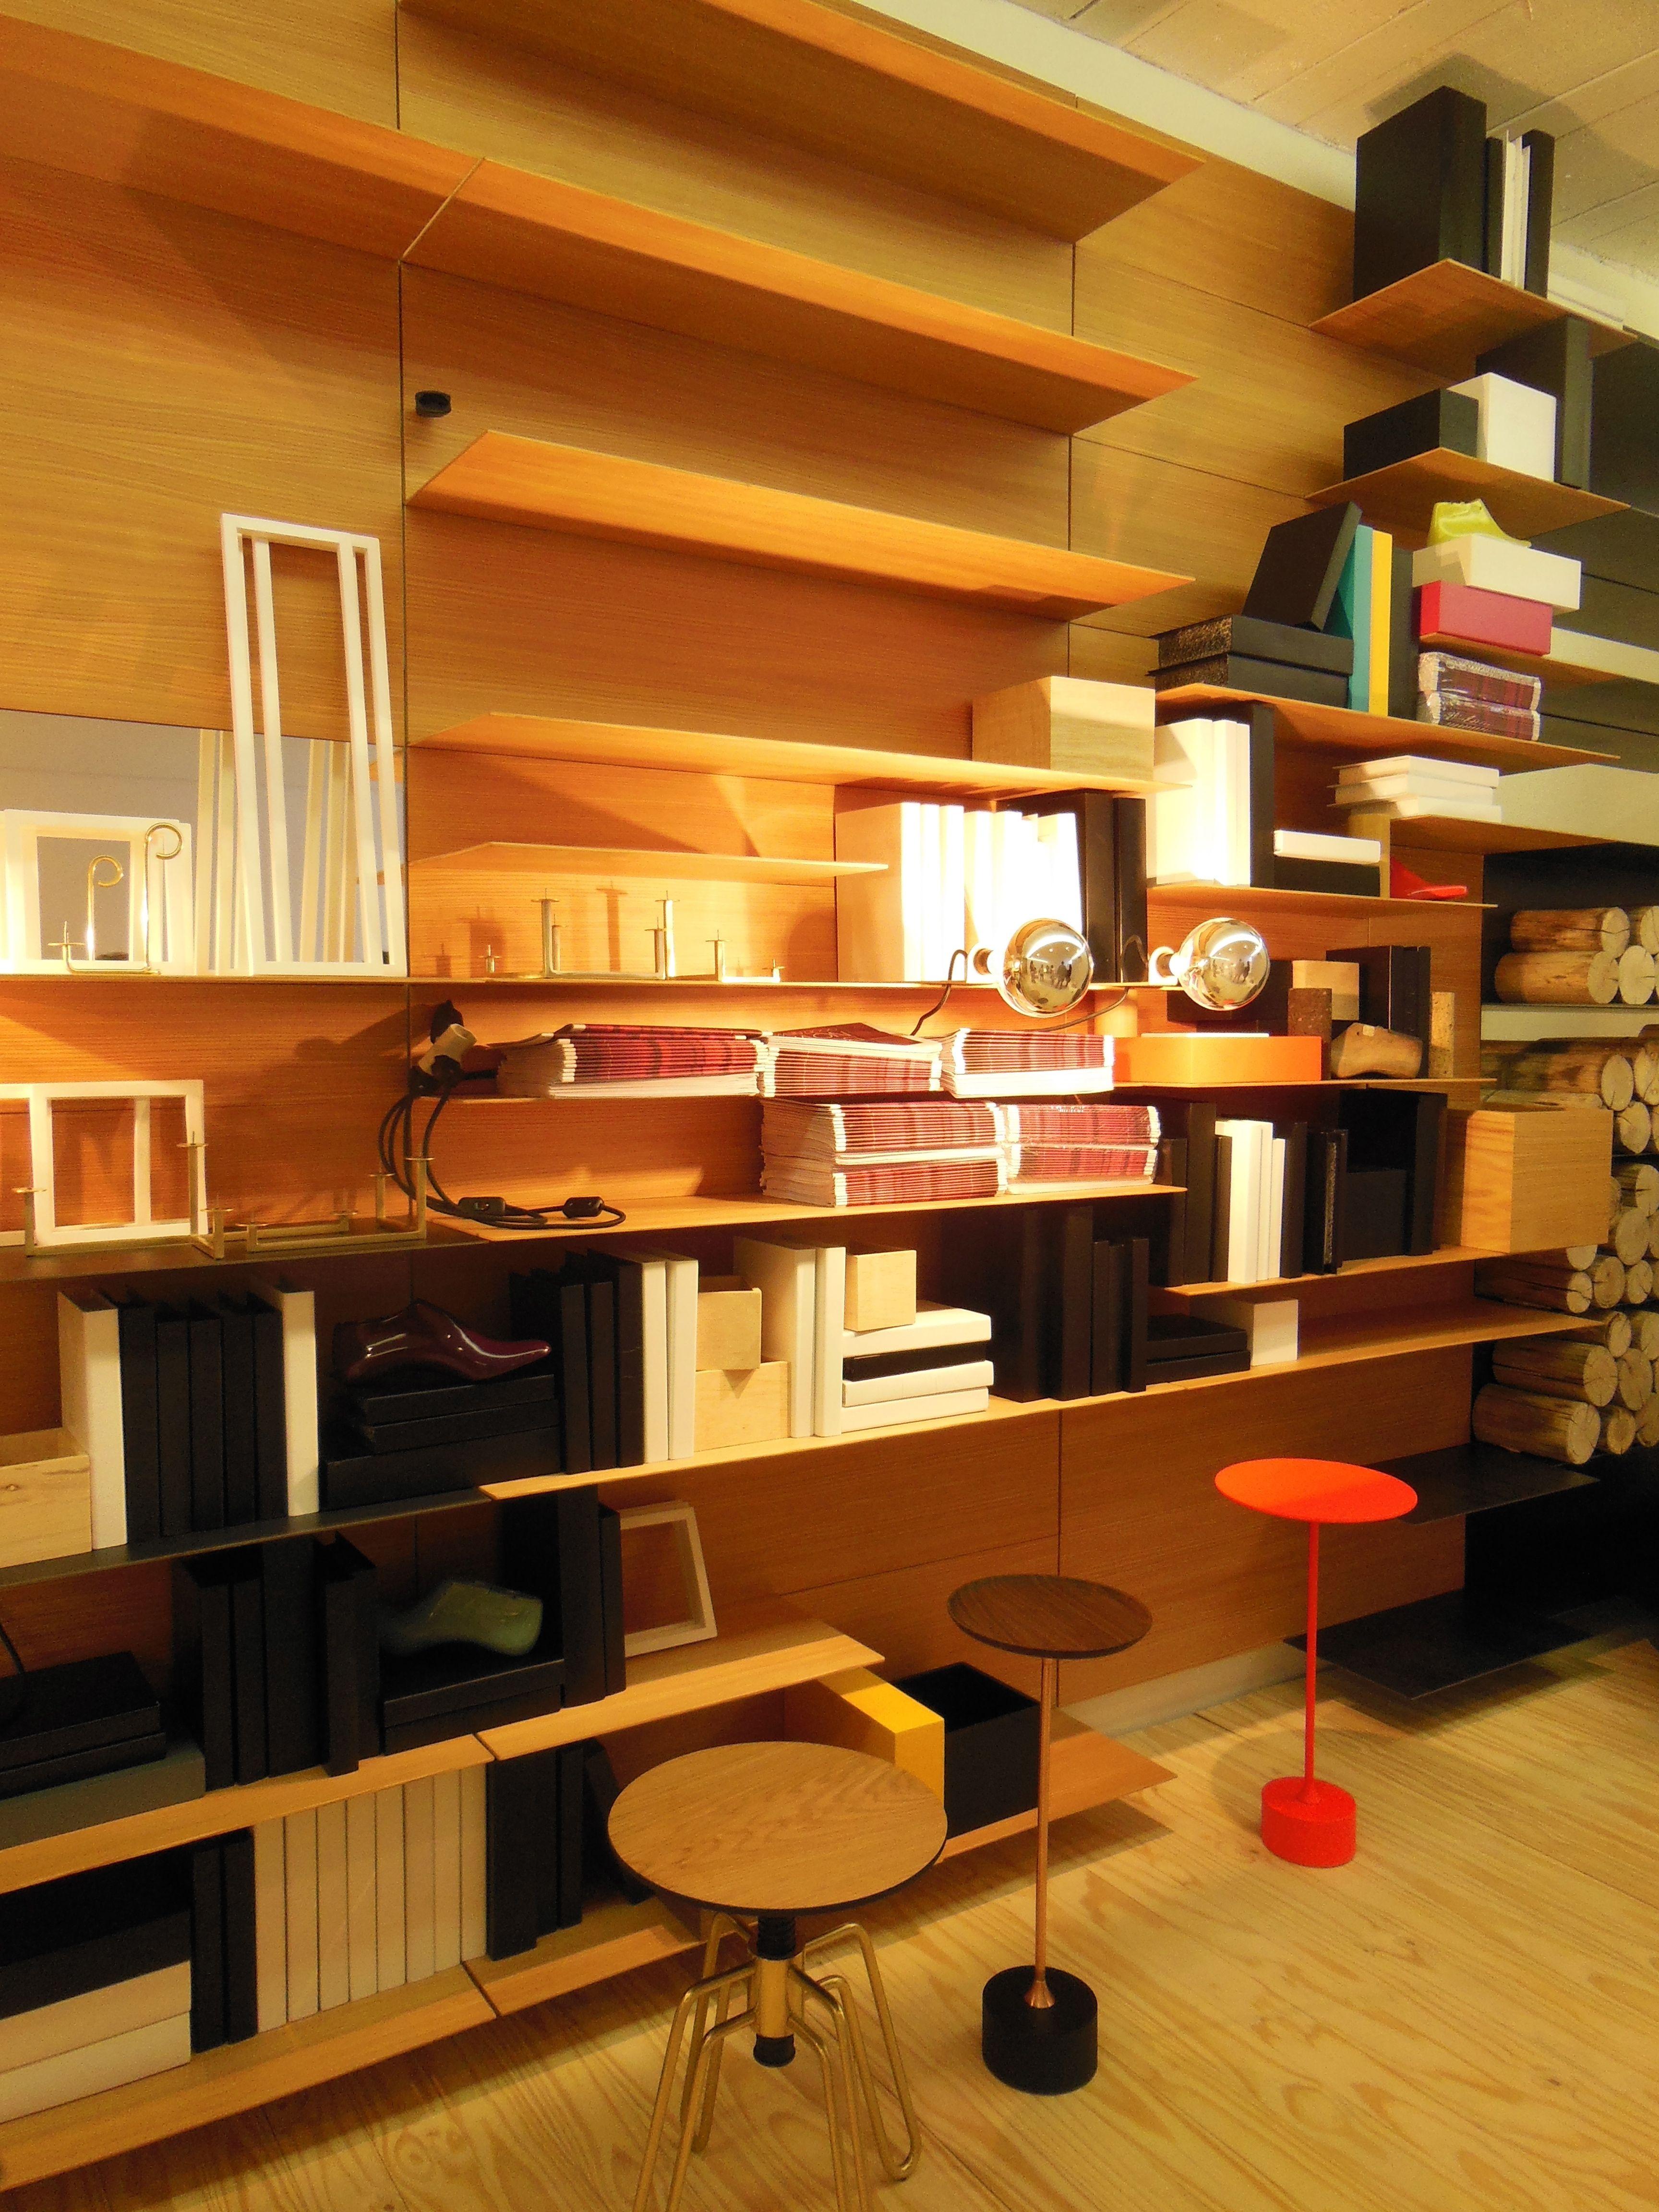 Nada como uma bela estante para decorar e organizar objetos. Seja de  #C38308 3456x4608